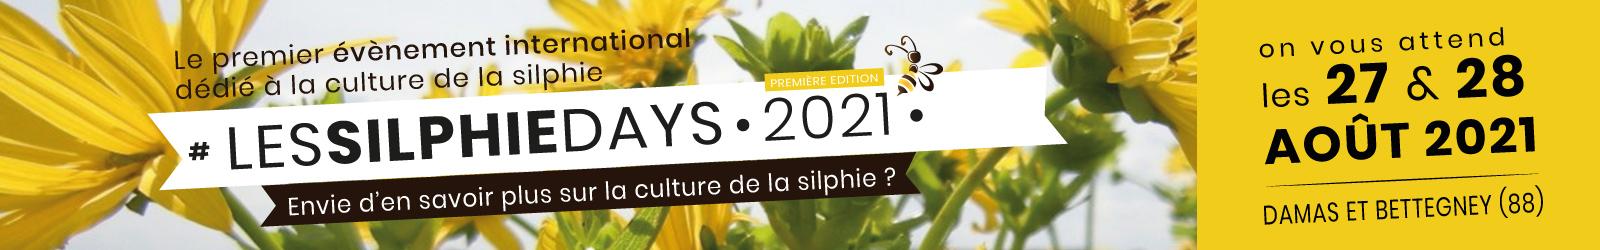 """ban 1600 site - La Silphie, une """"plante écolo"""" qui révolutionne l'agriculture"""